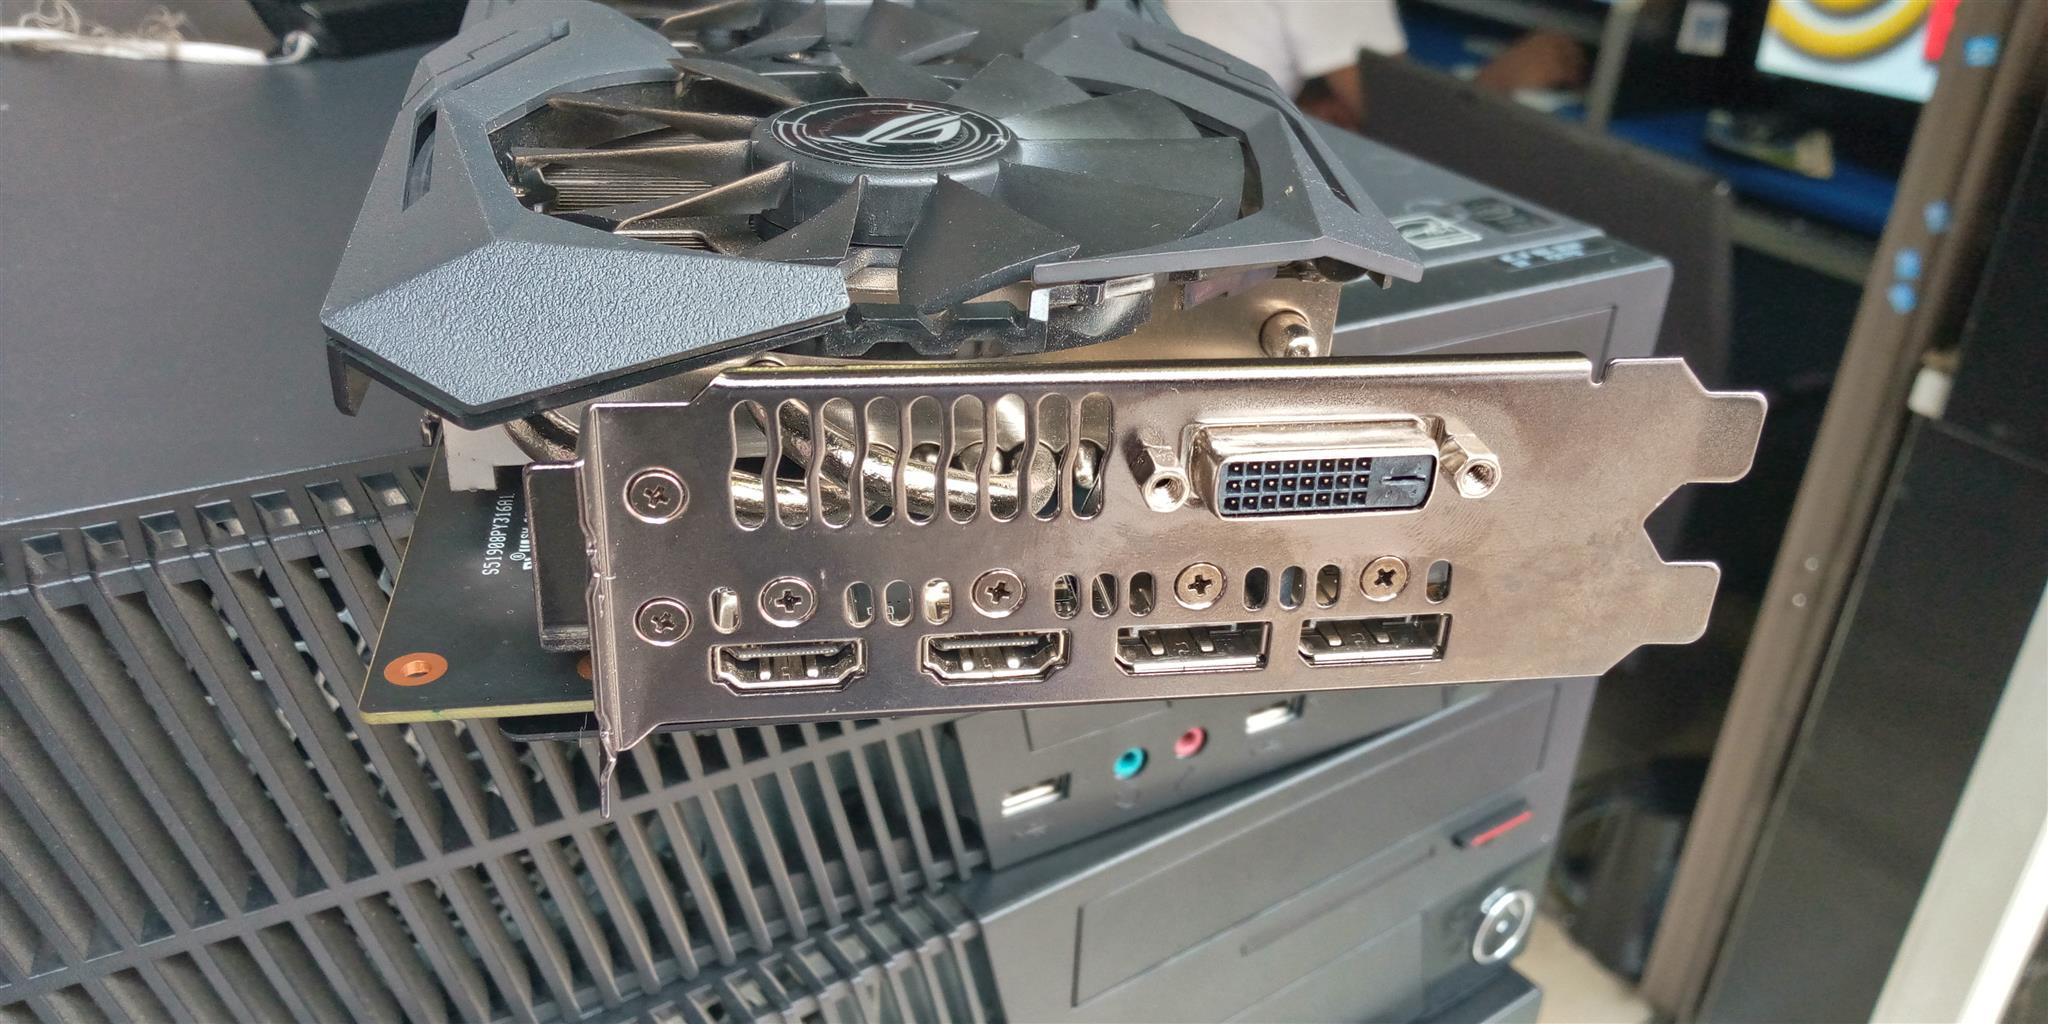 ASUS Strix Radeon RX580 8GB GDDR5 with Aura Sync RGB